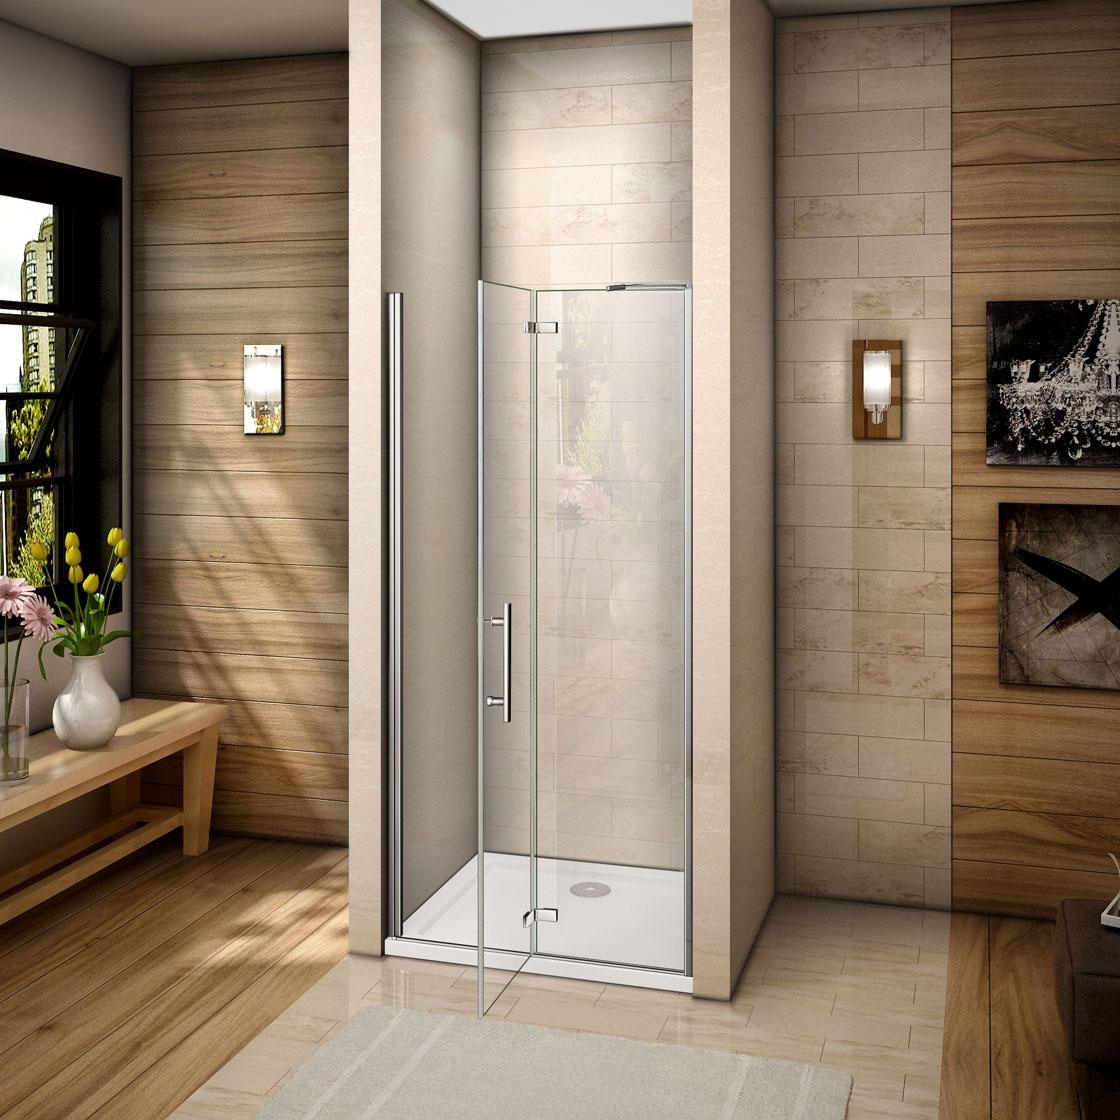 Full Size of Ebenerdige Dusche Bodengleiche Einbauen Glastür Einhebelmischer Raindance Haltegriff Antirutschmatte Unterputz Armatur Bodenebene Glastrennwand Sprinz Dusche Nischentür Dusche